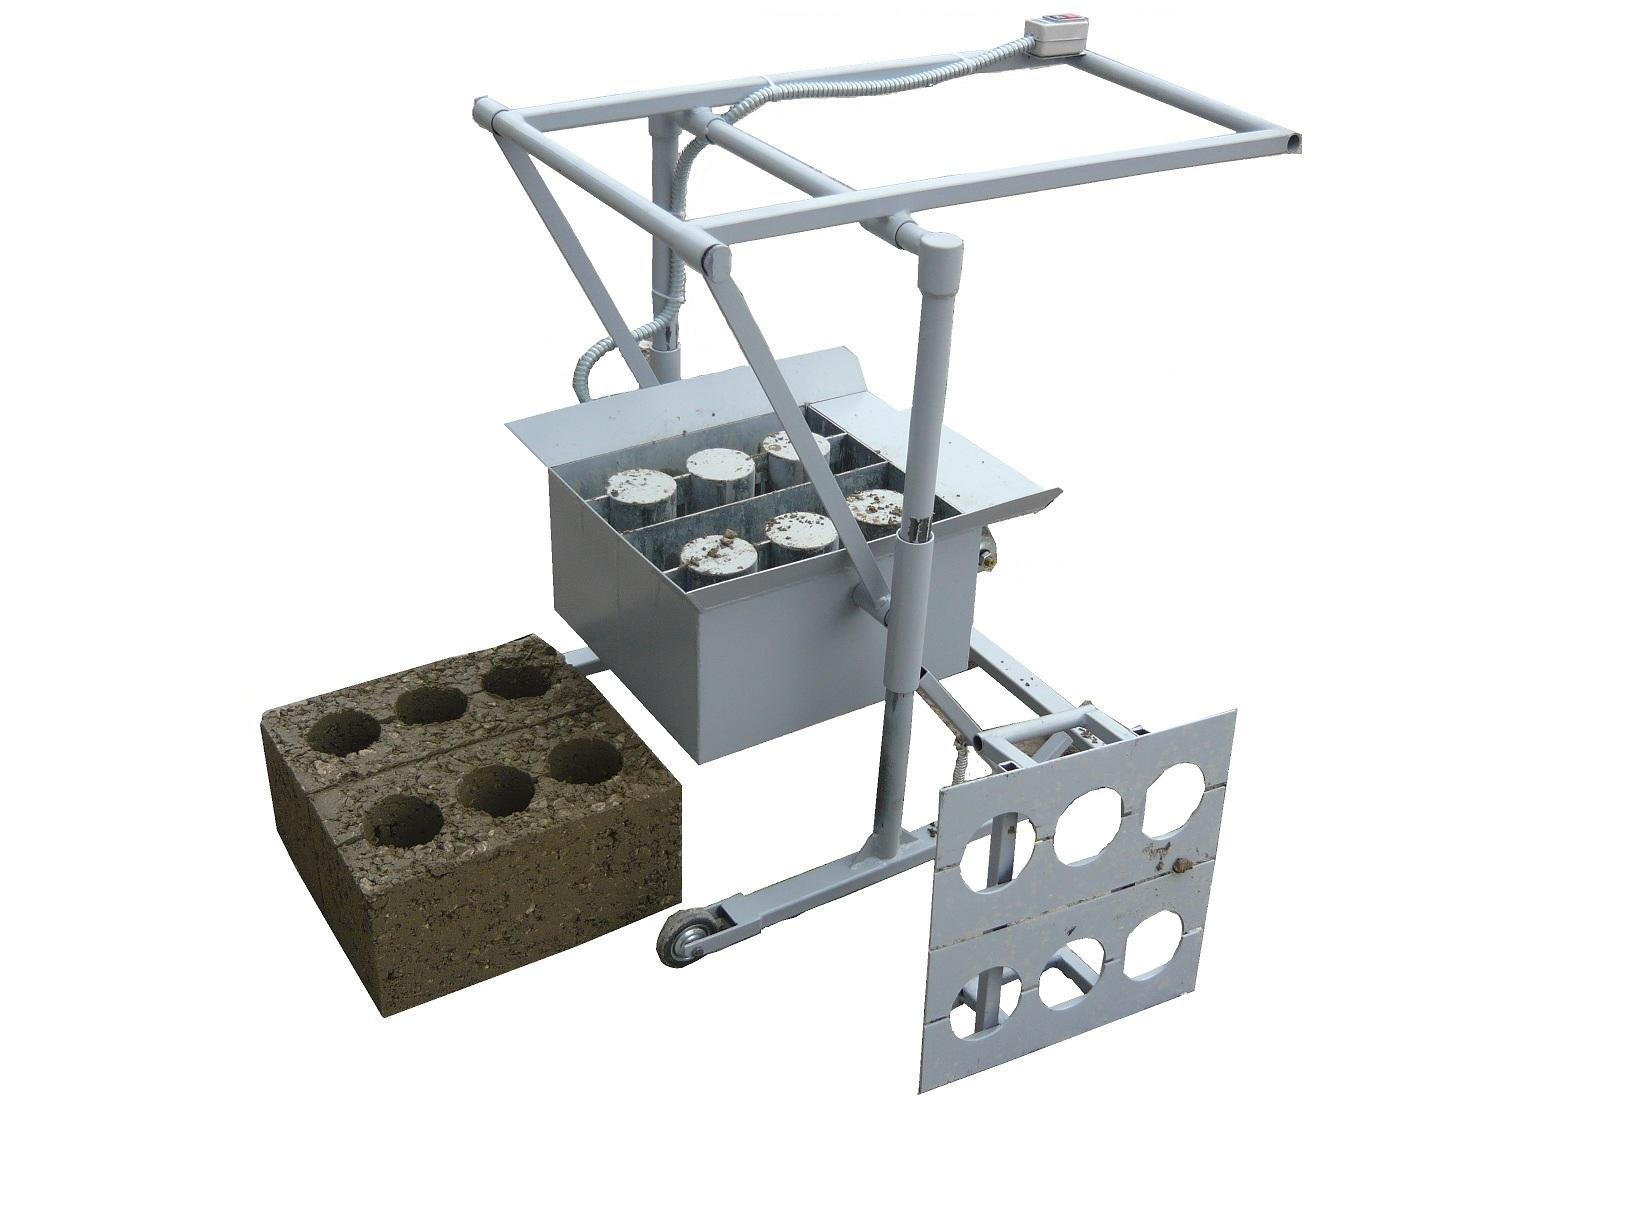 купить станок для изготовления блоков своими руками